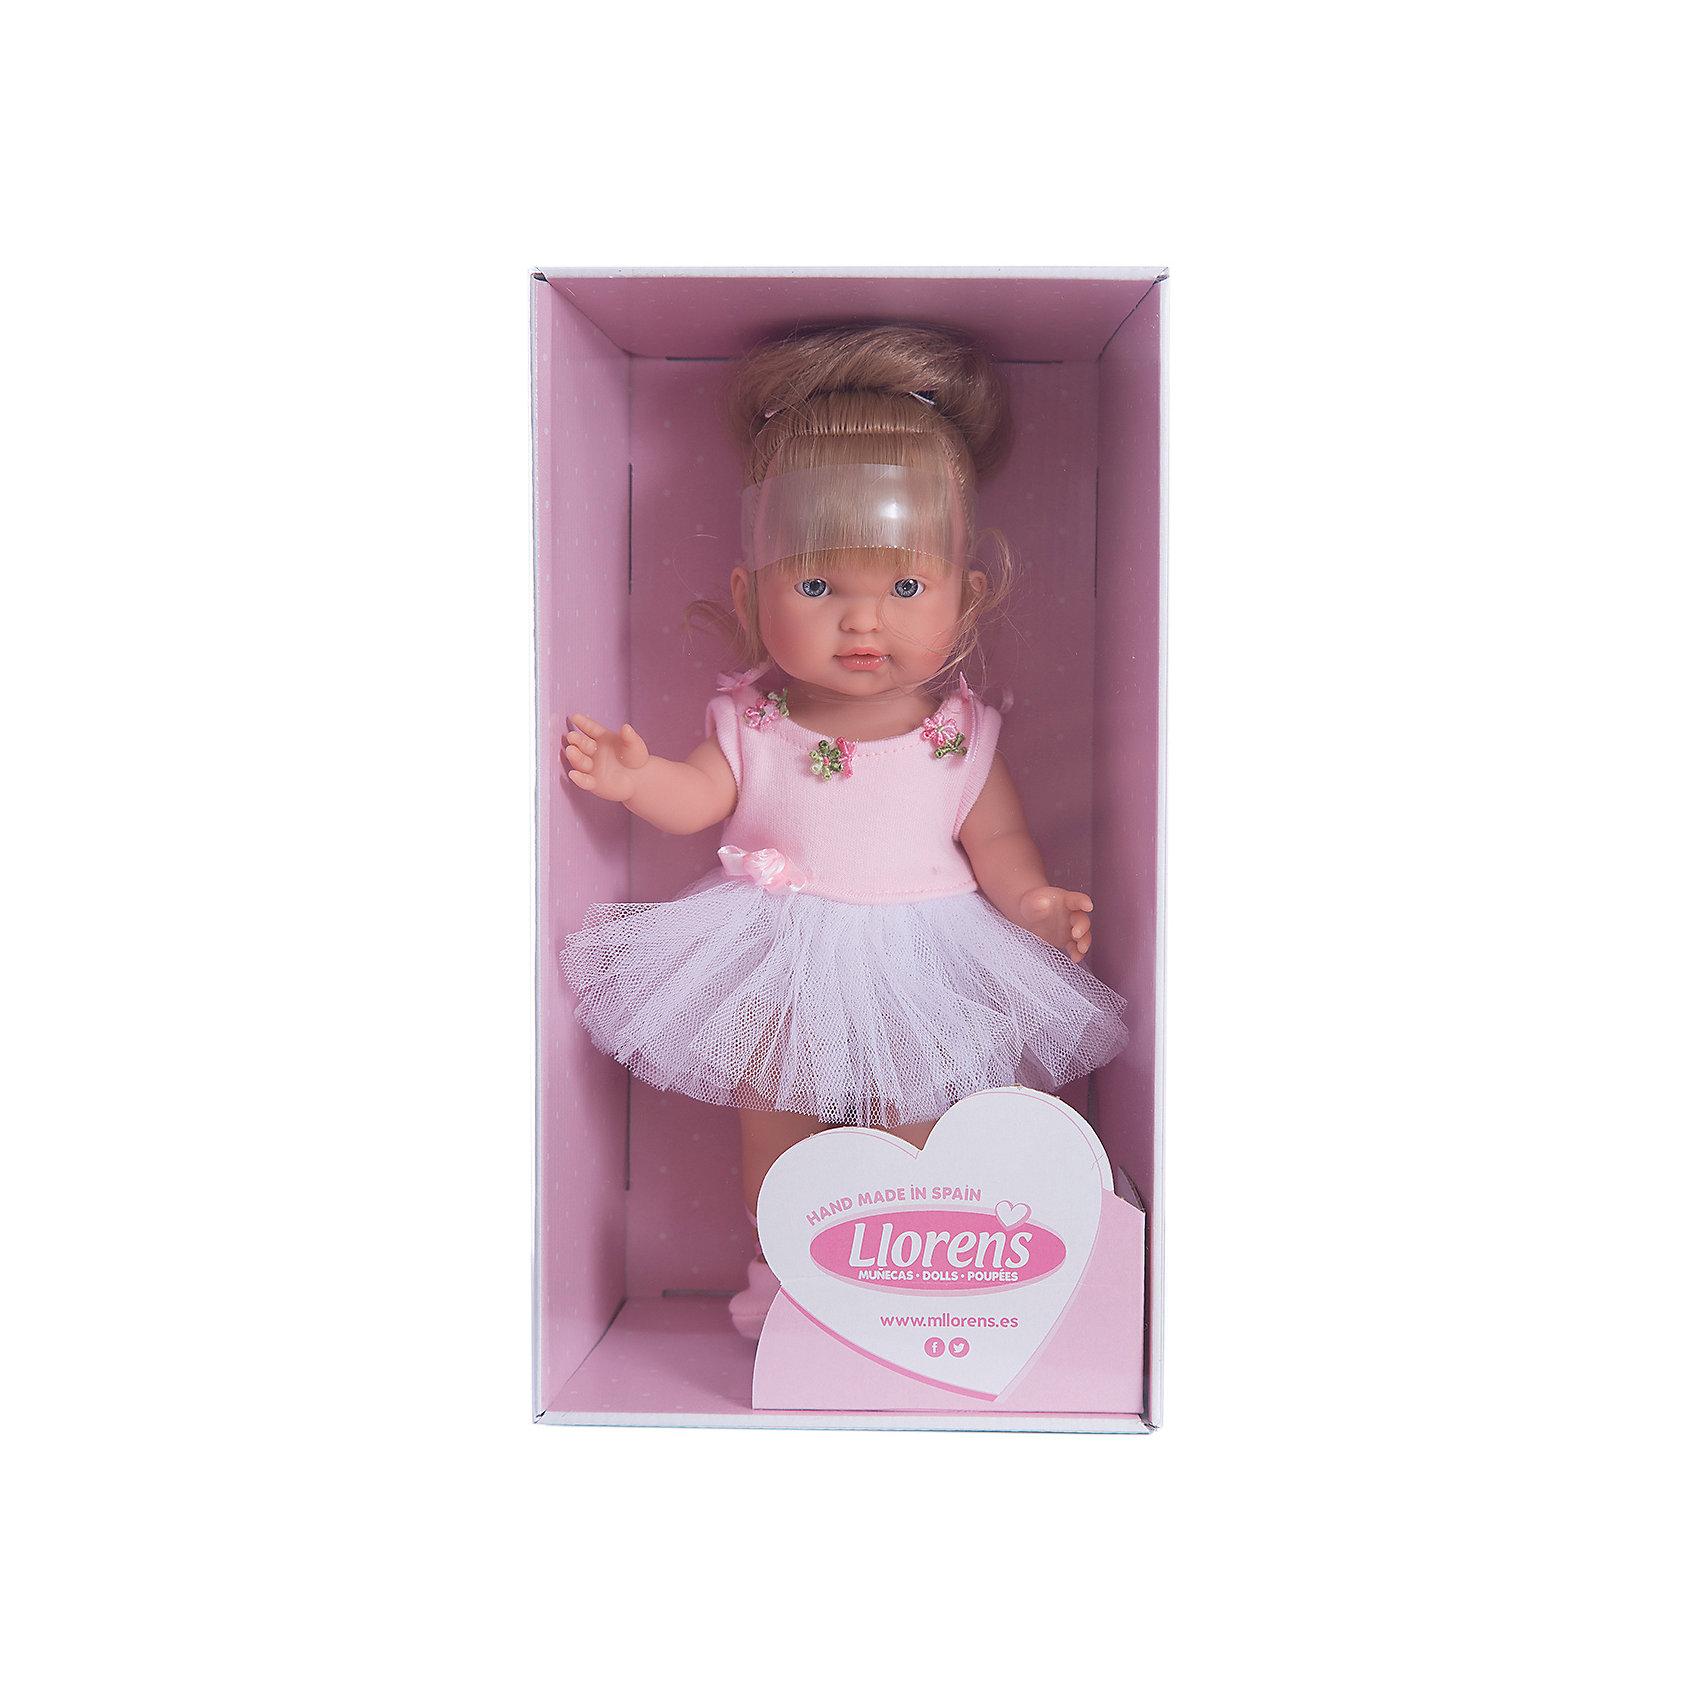 Кукла Балерина Валерия, 28 см, LlorensКлассические куклы<br>Характеристики:<br><br>• Предназначение: для сюжетно-ролевых игр<br>• Тип куклы: мягконабивная<br>• Пол куклы: девочка <br>• Цвет волос: светло-русые<br>• Материал: поливинилхлорид, пластик, нейлон, текстиль<br>• Цвет: розовый, белый<br>• Высота куклы: 28 см<br>• Комплектация: кукла, пачка, пуанты<br>• Вес: 660 г<br>• Размеры упаковки (Д*В*Ш): 20*37*10 см<br>• Упаковка: подарочная картонная коробка <br>• Особенности ухода: допускается деликатная стирка без использования красящих и отбеливающих средств предметов одежды куклы<br><br>Кукла балерина Валерия 28 см – кукла, производителем которого является всемирно известный испанский кукольный бренд Llorens. Куклы этой торговой марки имеют свою неповторимую внешность и целую линейку образов как пупсов, так и кукол-малышей. Игрушки выполнены из сочетания поливинилхлорида и пластика, что позволяет с высокой долей достоверности воссоздать физиологические и мимические особенности маленьких детей. При изготовлении кукол Llorens используются только сертифицированные материалы, безопасные и не вызывающие аллергических реакций. Волосы у кукол отличаются густотой, шелковистостью и блеском, при расчесывании они не выпадают и не ломаются.<br>Кукла балерина Валерия 28 см выполнена в образе малышки: у нее светлые волосы, собранные в пучок, по бокам выпущены две пряди. Комплект одежды соответствует образу балерины: белоснежная пачка с розовым топом, декорированным цветочками и атласными лентами. На ножках у Валерии – пуанты. <br>Кукла балерина Валерия 28 см – это идеальный вариант для подарка к различным праздникам и торжествам.<br><br>Куклу балерину Валерию 28 см можно купить в нашем интернет-магазине.<br><br>Ширина мм: 20<br>Глубина мм: 37<br>Высота мм: 10<br>Вес г: 660<br>Возраст от месяцев: 36<br>Возраст до месяцев: 84<br>Пол: Женский<br>Возраст: Детский<br>SKU: 5086940